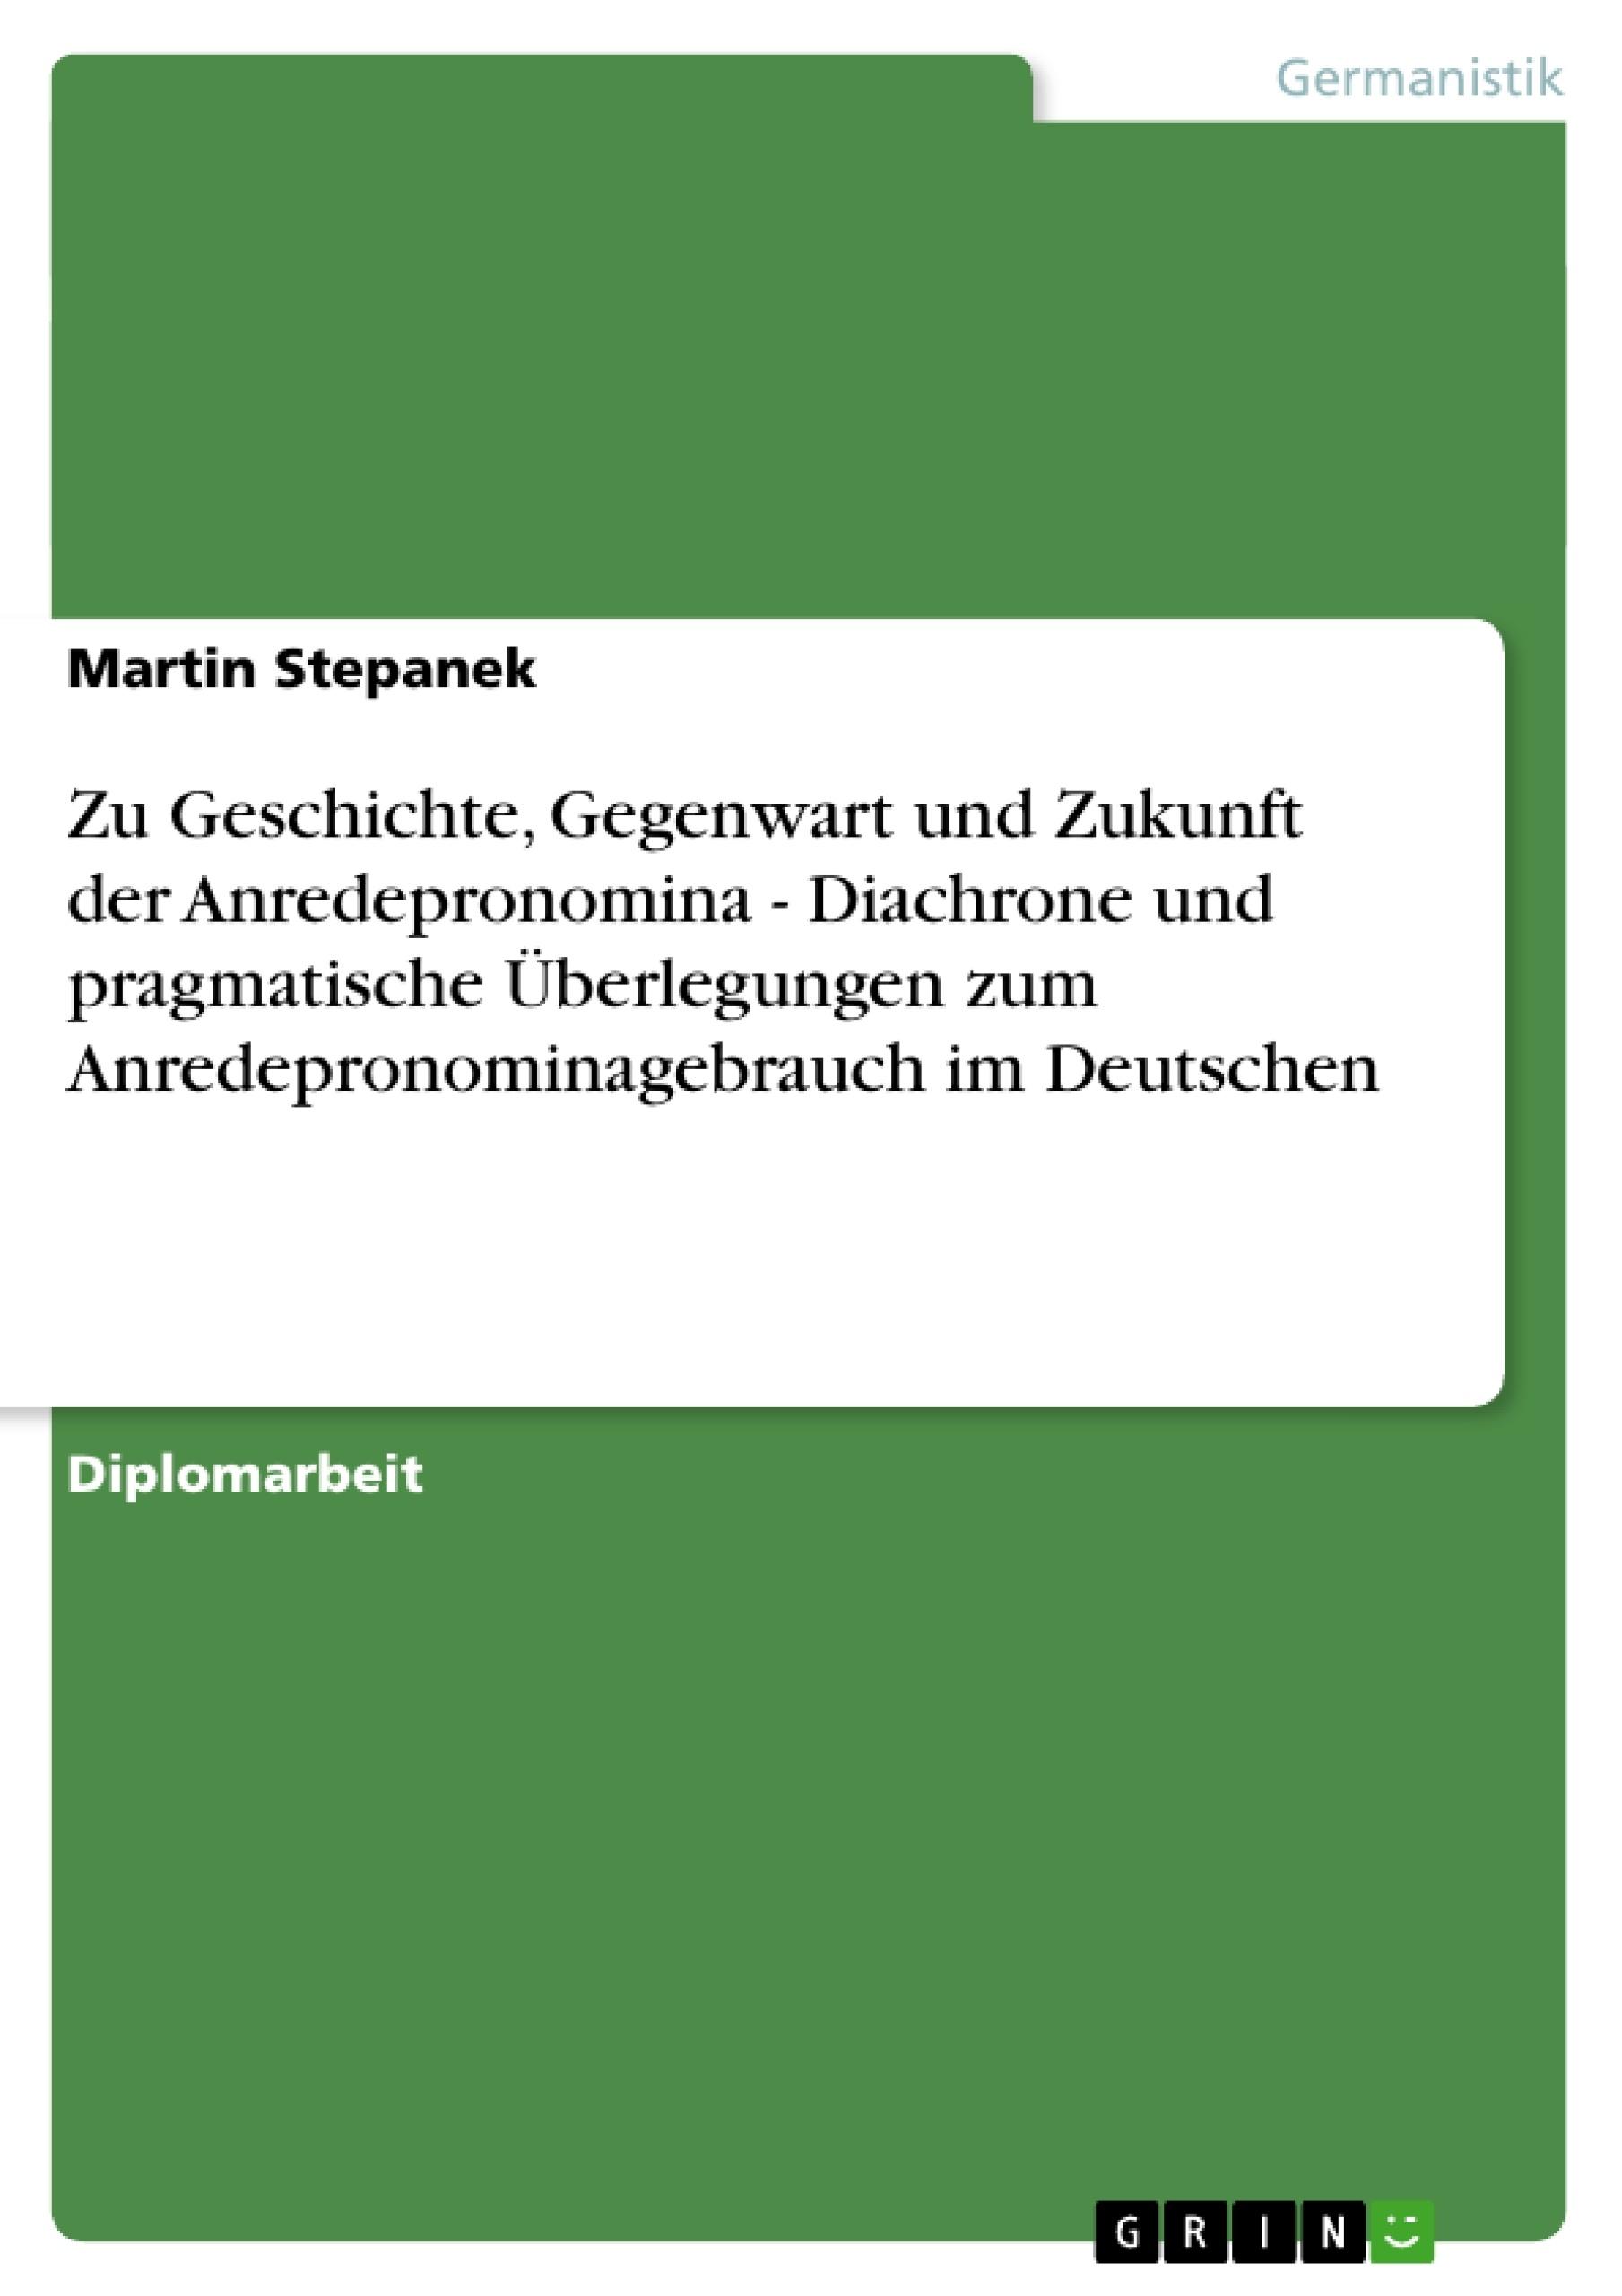 Titel: Zu Geschichte, Gegenwart und Zukunft der Anredepronomina - Diachrone und pragmatische Überlegungen zum Anredepronominagebrauch im Deutschen